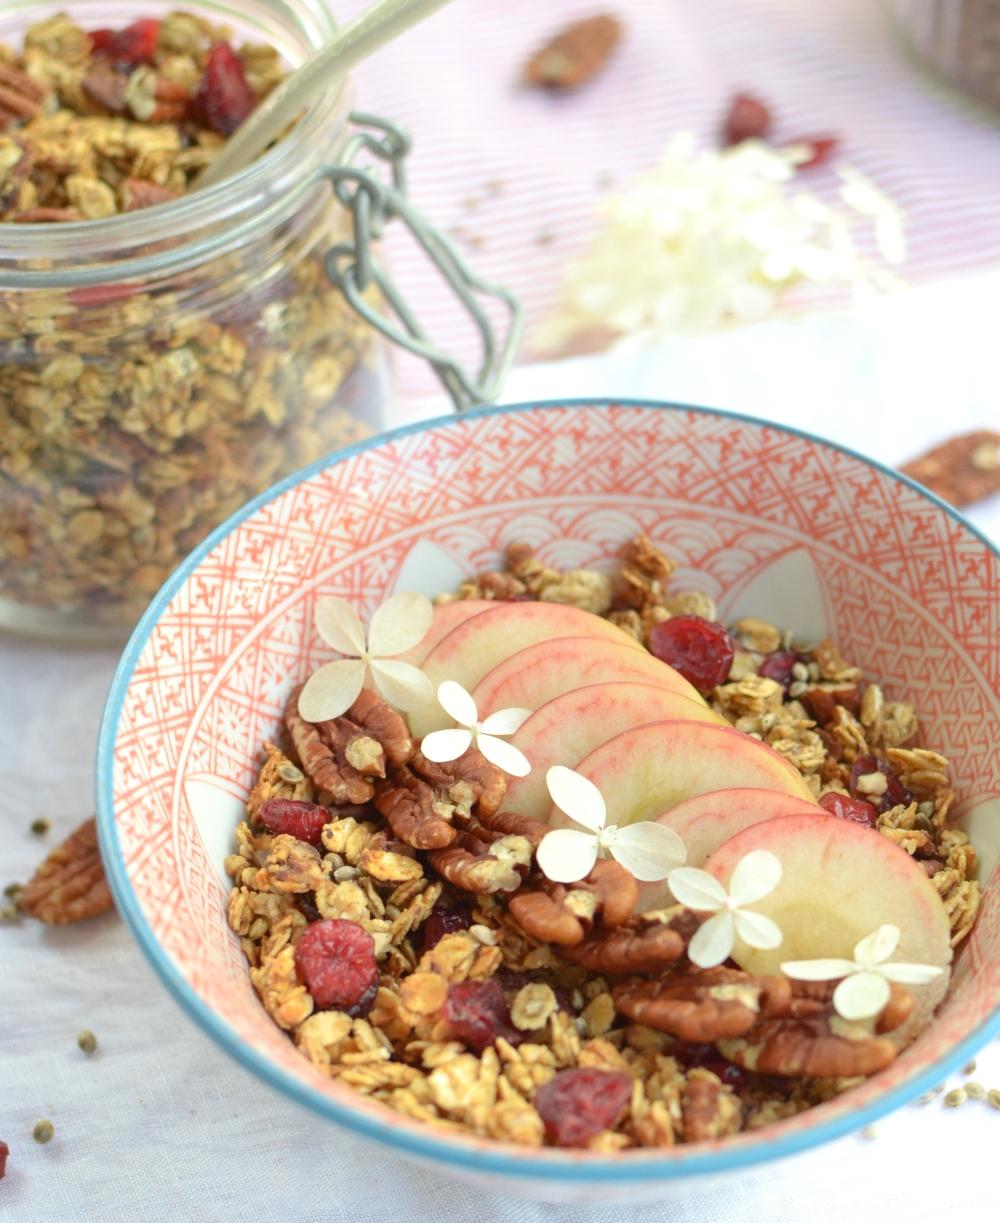 autumn-cranberries-pecans-applesauce-granola3b